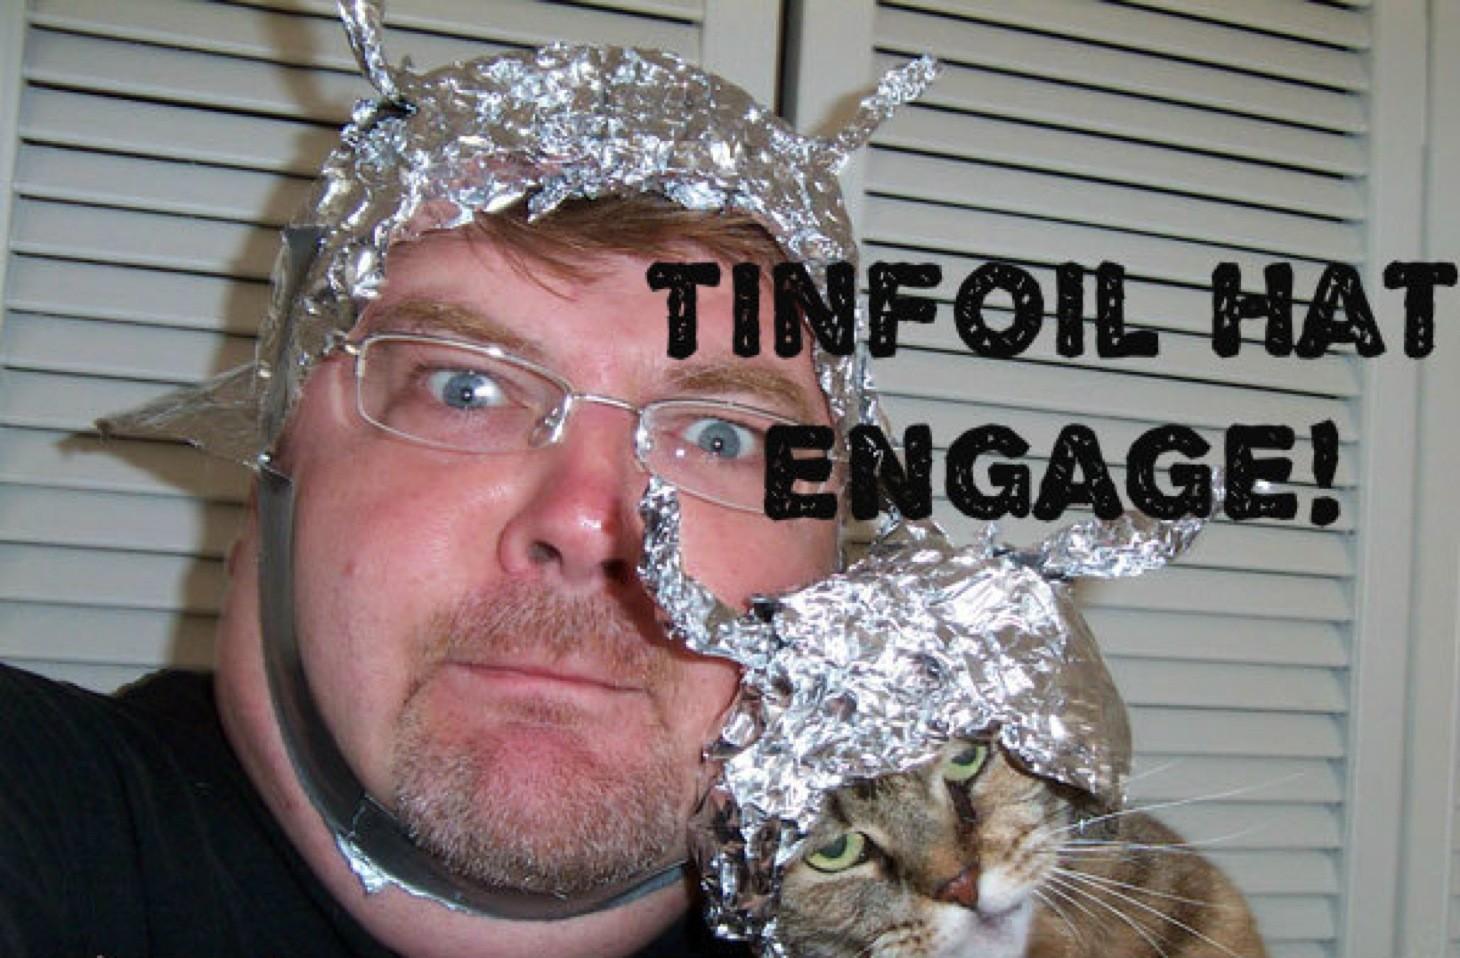 http://images.lazygamer.net/2013/07/wpid-tin-foil-hat.jpg